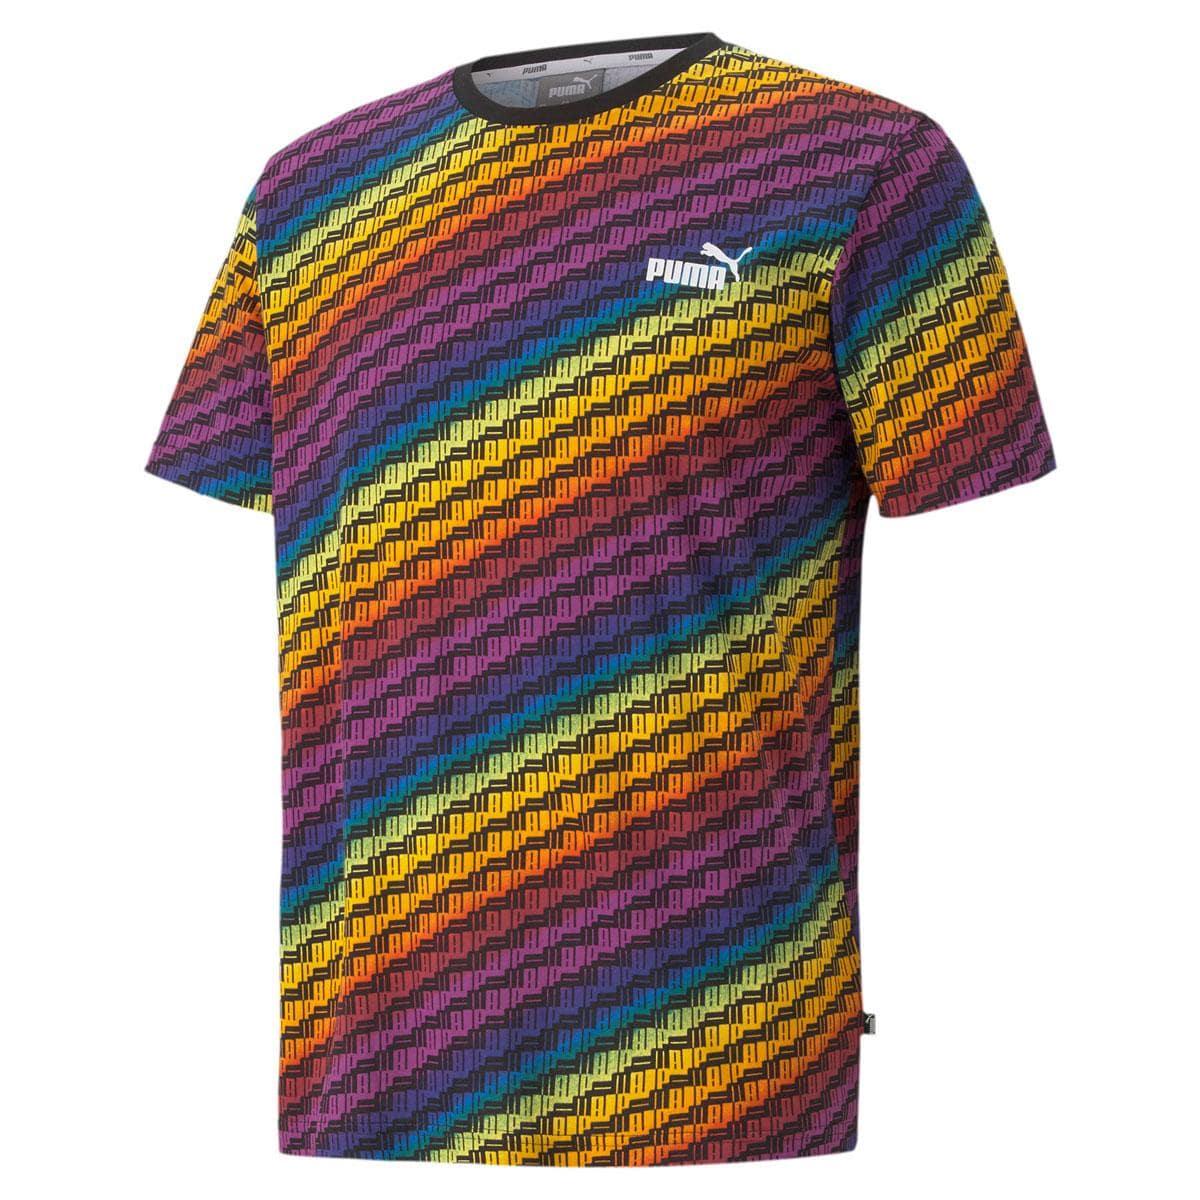 全体がレインボーカラーのTシャツ(3,300円)